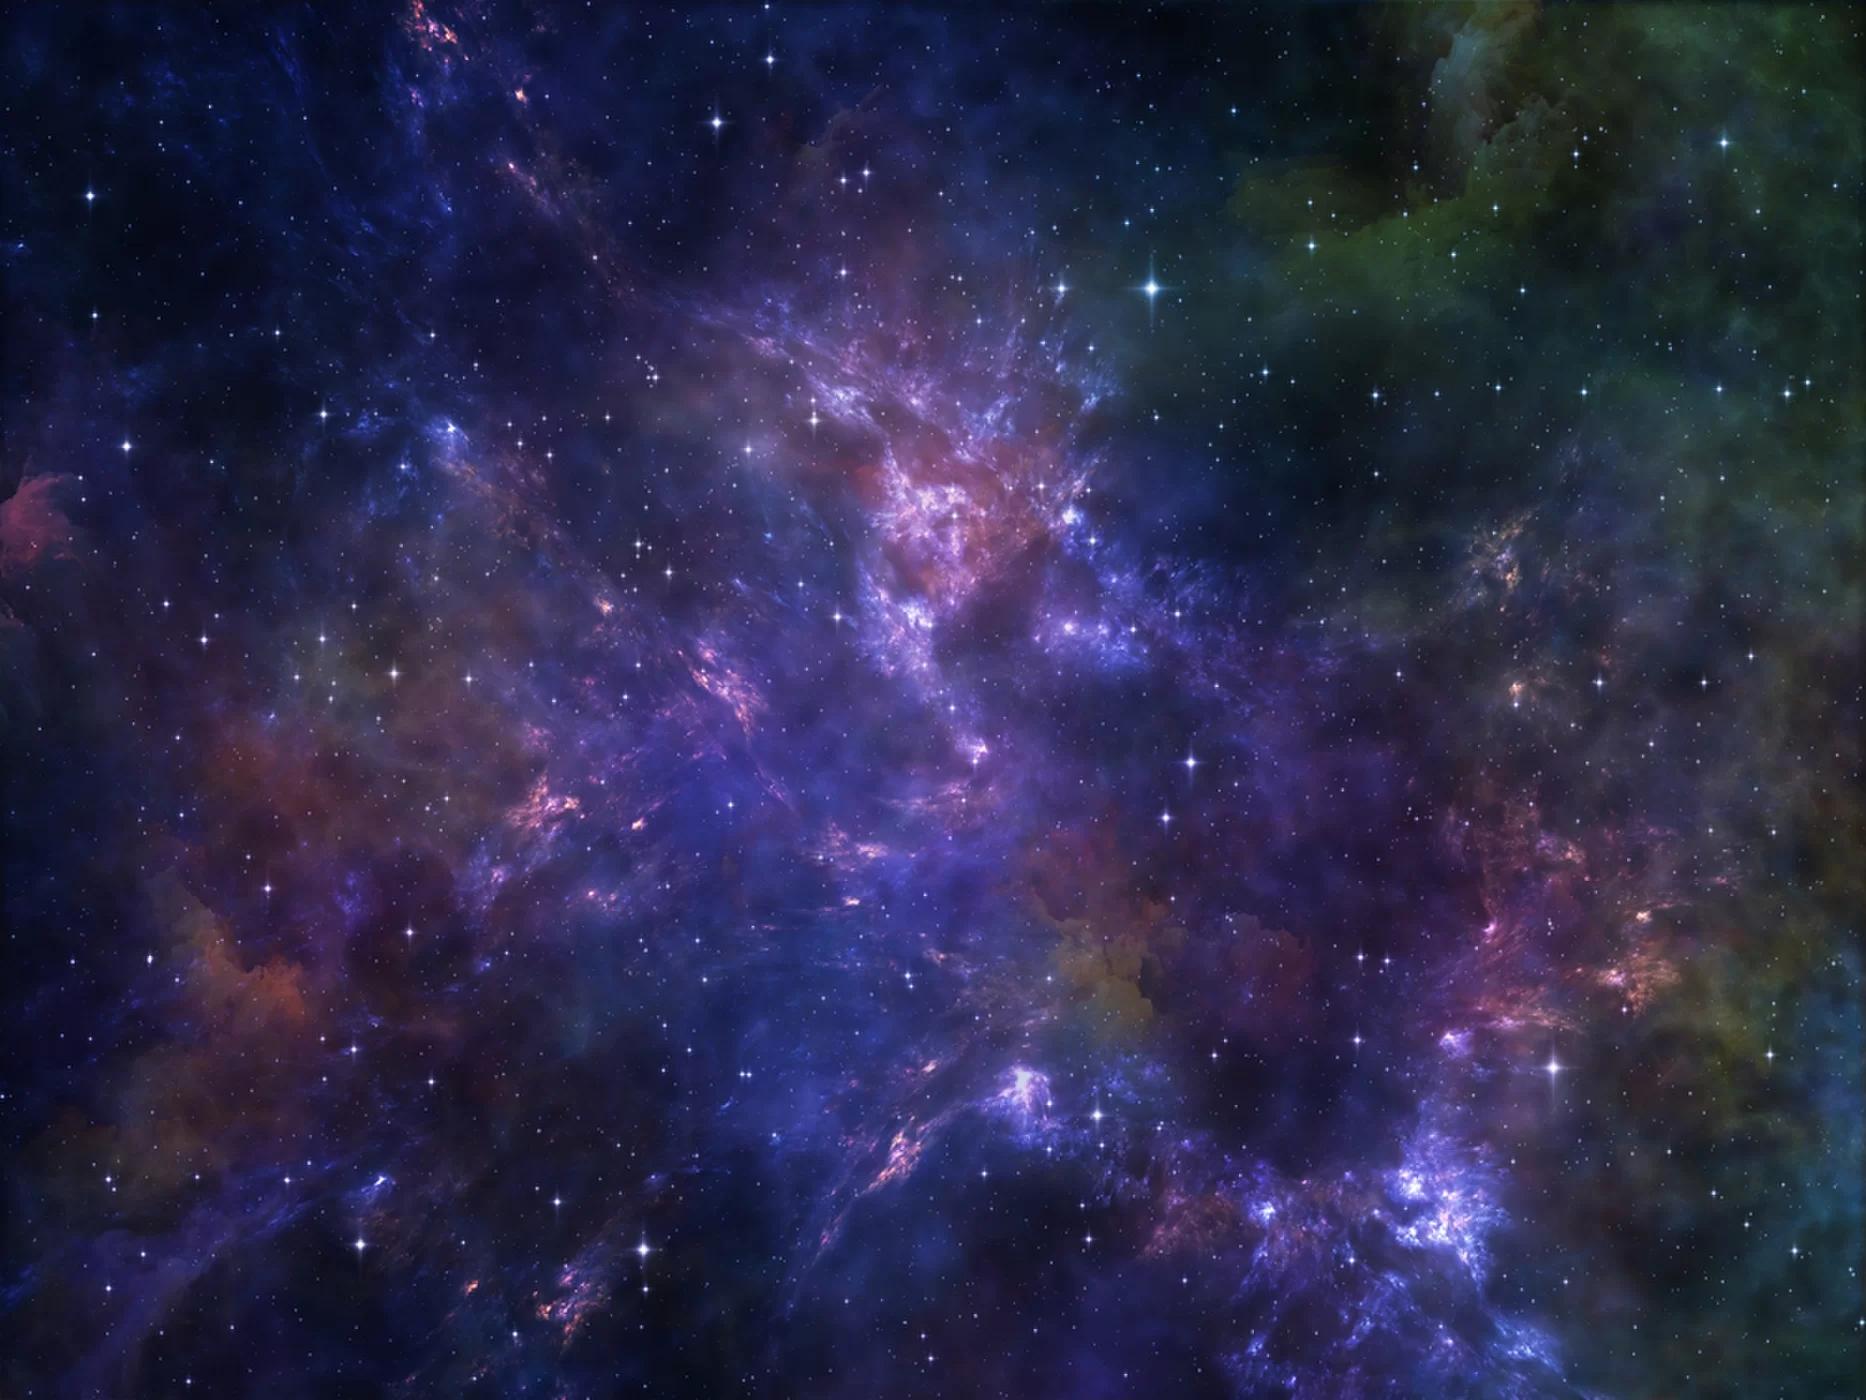 最新研究认为宇宙膨胀是受真空携带能量波动影响,或者太空区域缺少物质。这种波动形成的压力迫使空间自身膨胀,随着宇宙年龄的增长,物质和能量的密度也将降低。